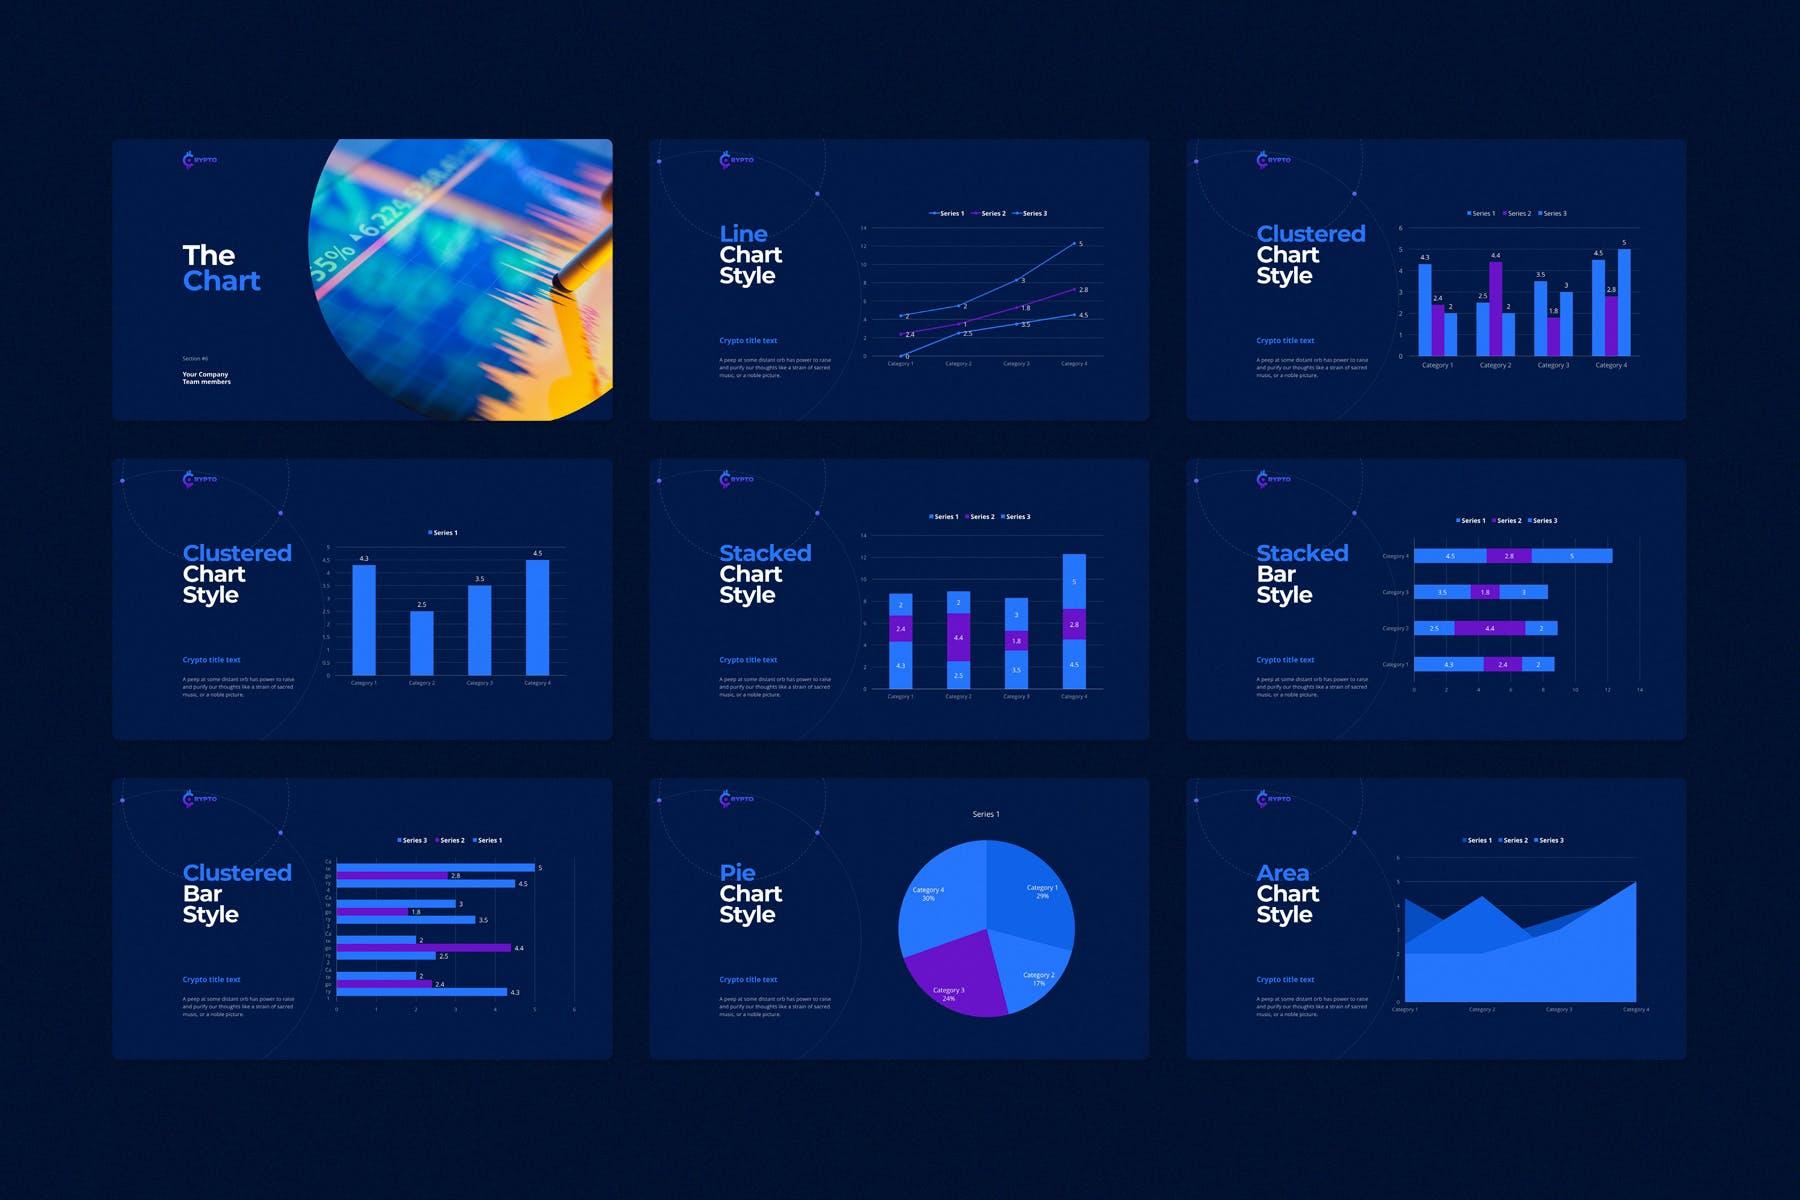 行业研究公司业务介绍图表设计幻灯片模板 CRYPTO Powerpoint Template插图(13)